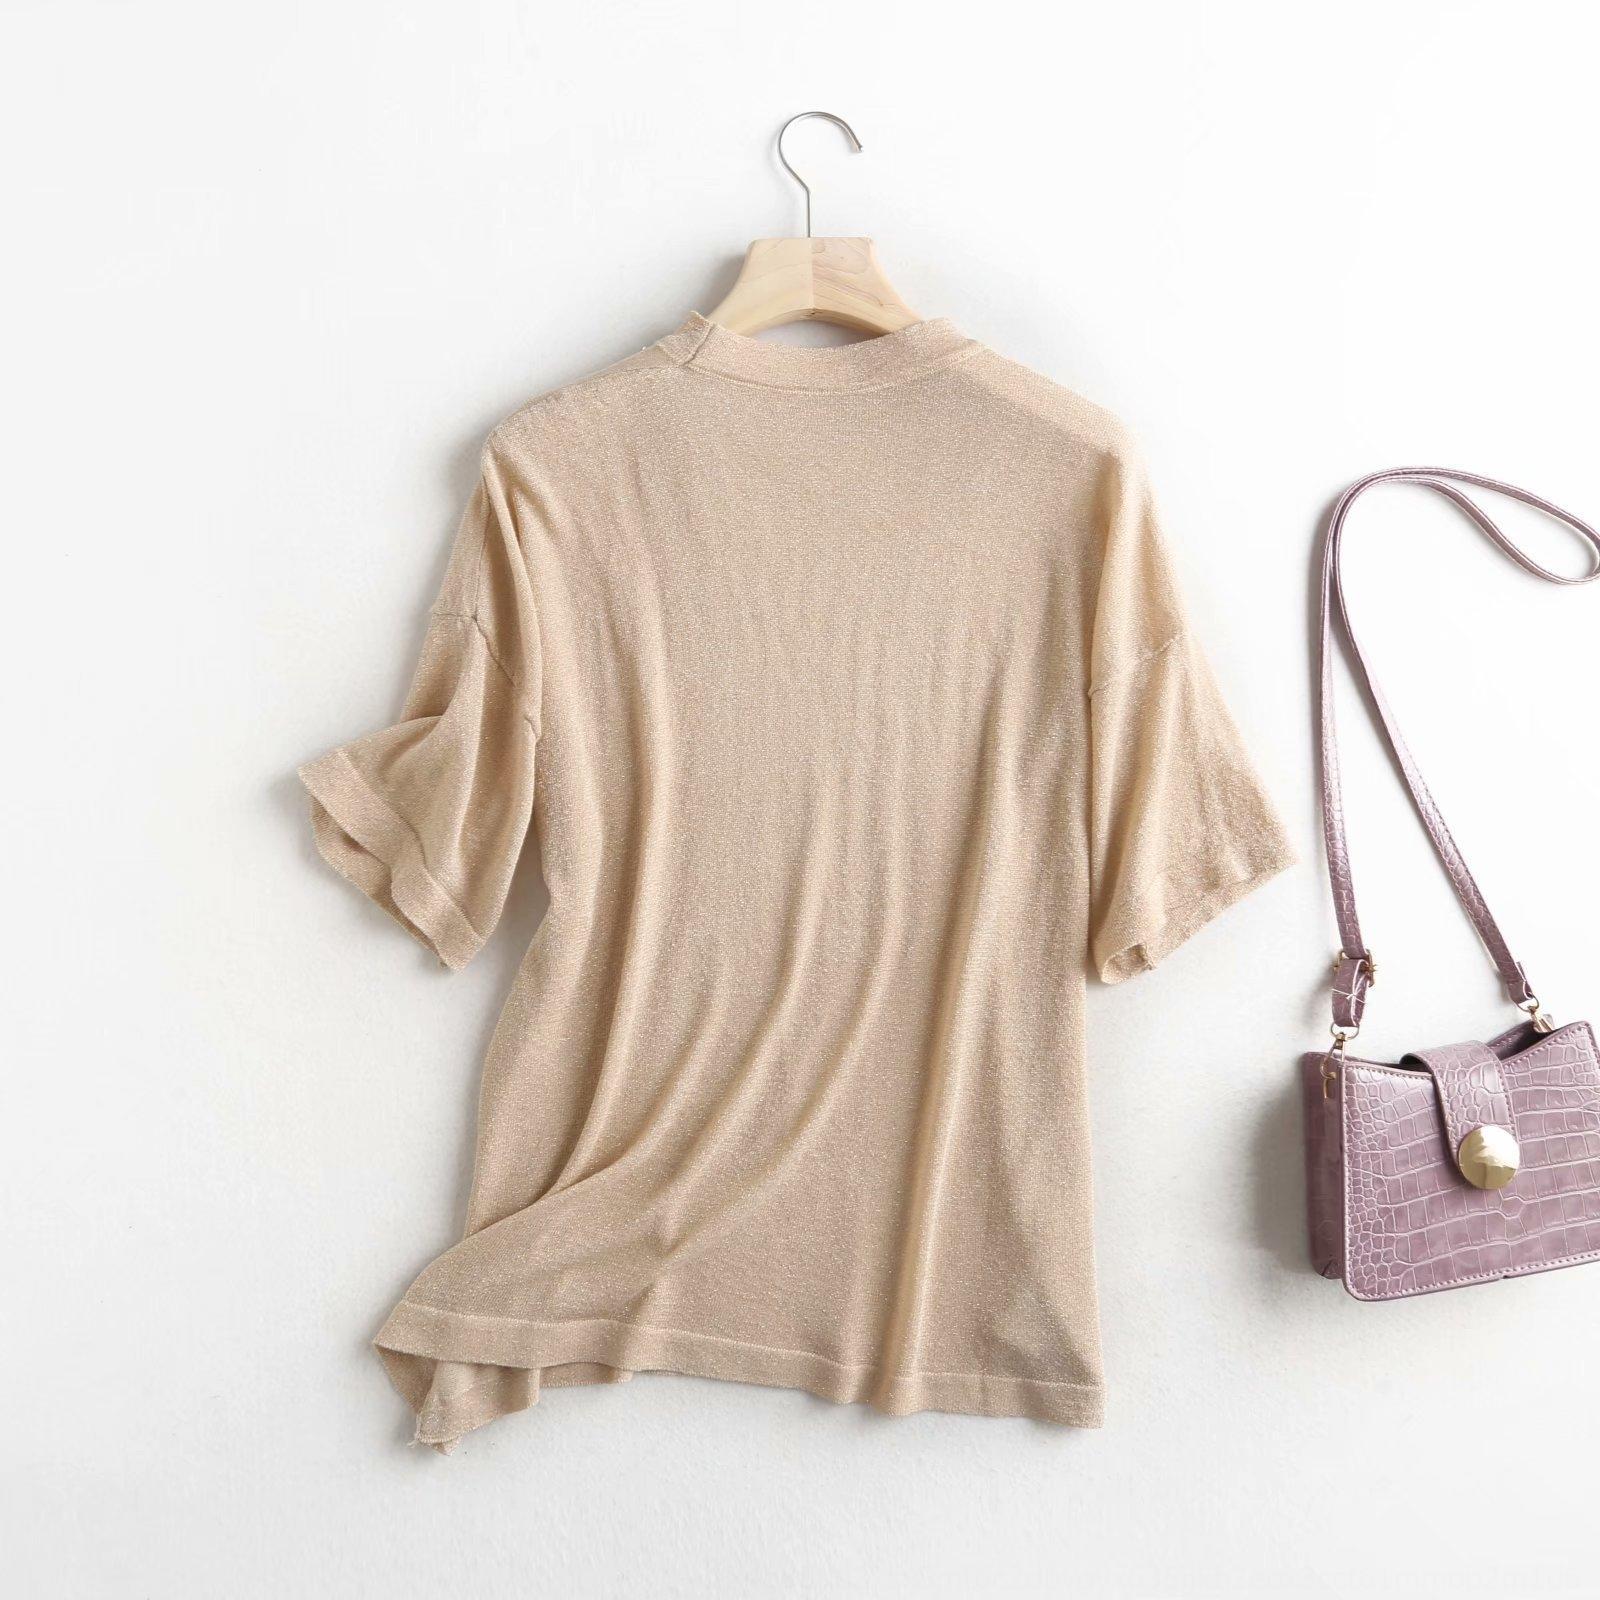 estilo mulheres coreanas t-shirt de seda e 2020 verão nova e simples em torno do pescoço brilhante de seda manga curta T-shirt de malha mulheres H356 de seda